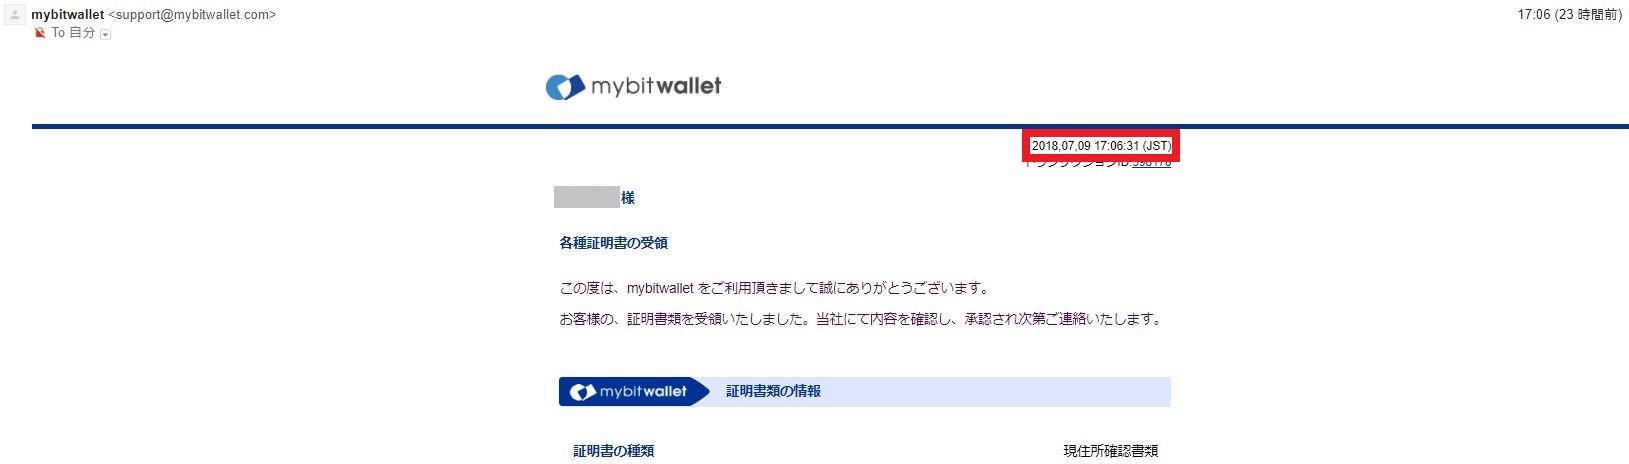 海外FX mybitwallet 各種証明書の受領